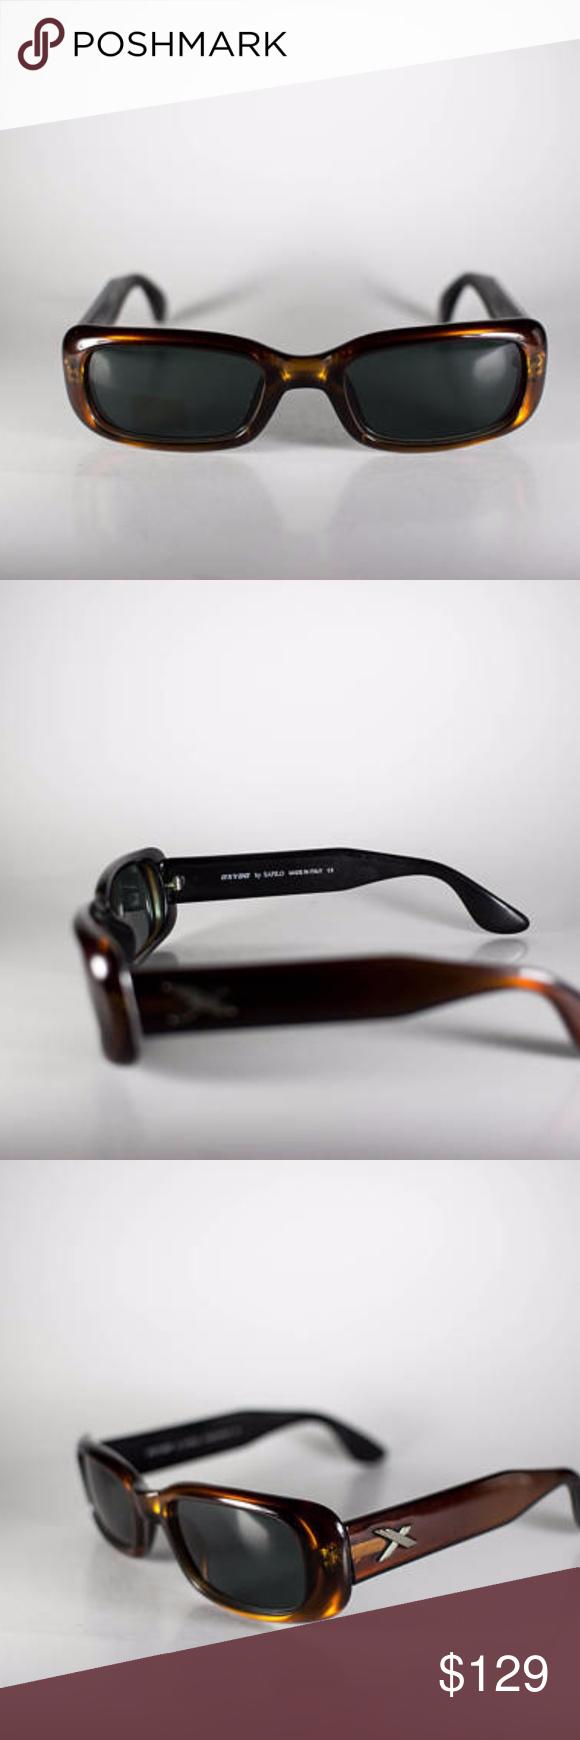 4e027e9da Oxydo by Safilo Optyl 156 Escape 1 7NX 50-20-135 Oxydo by Safilo Optyl 156  Escape 1 7NX 50-20-135 Made in Italy Unisex Vintage Sunglasses Plastic  Brown Free ...